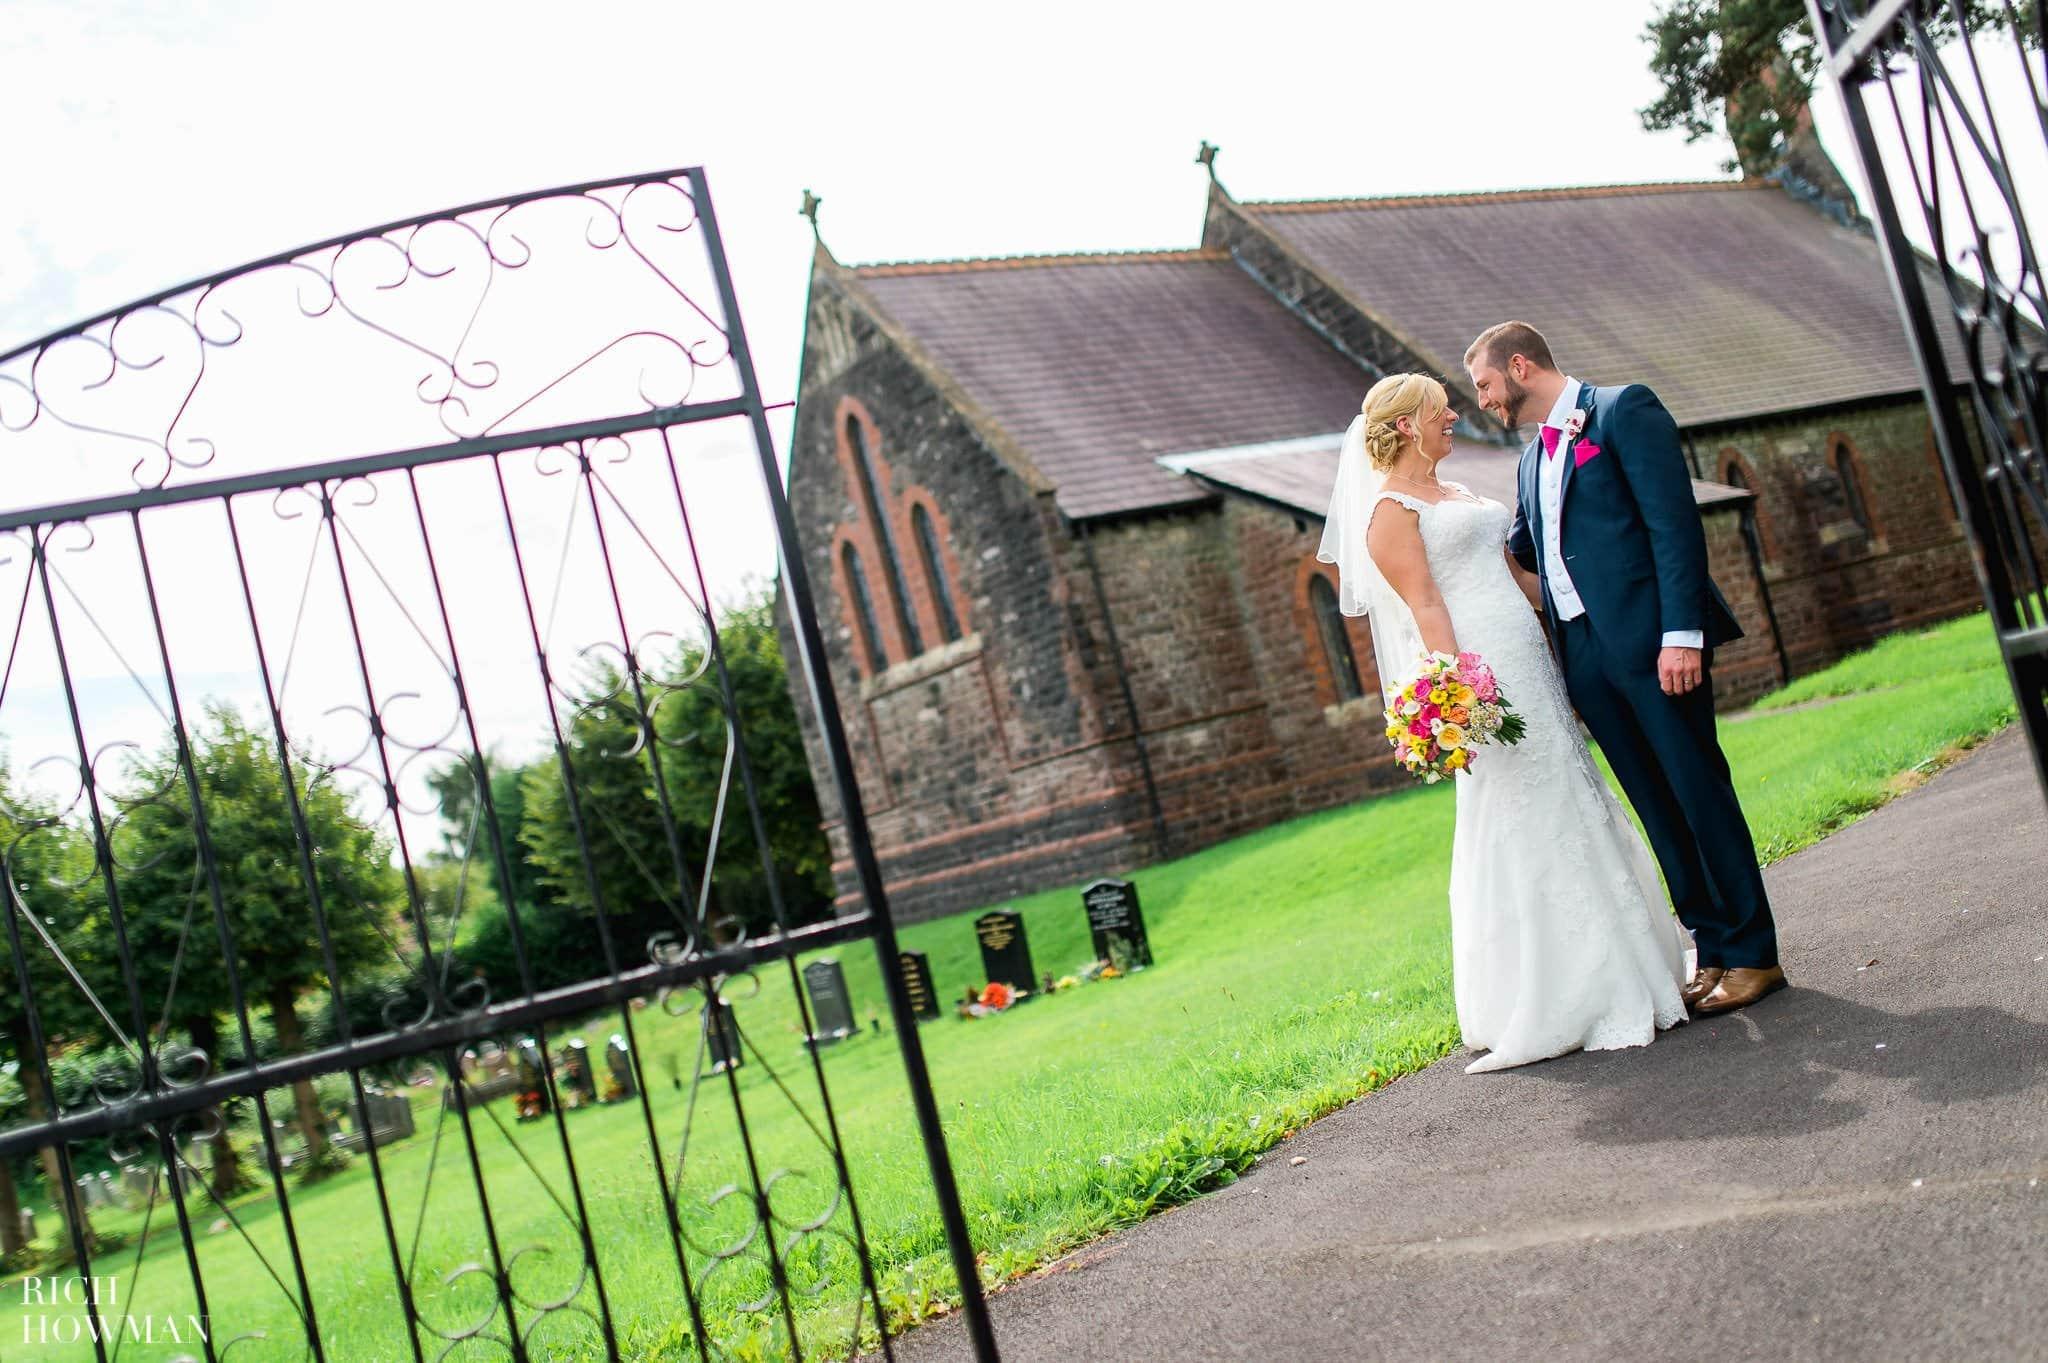 Llanerch Vineyard Wedding Photography by Rich Howman 36